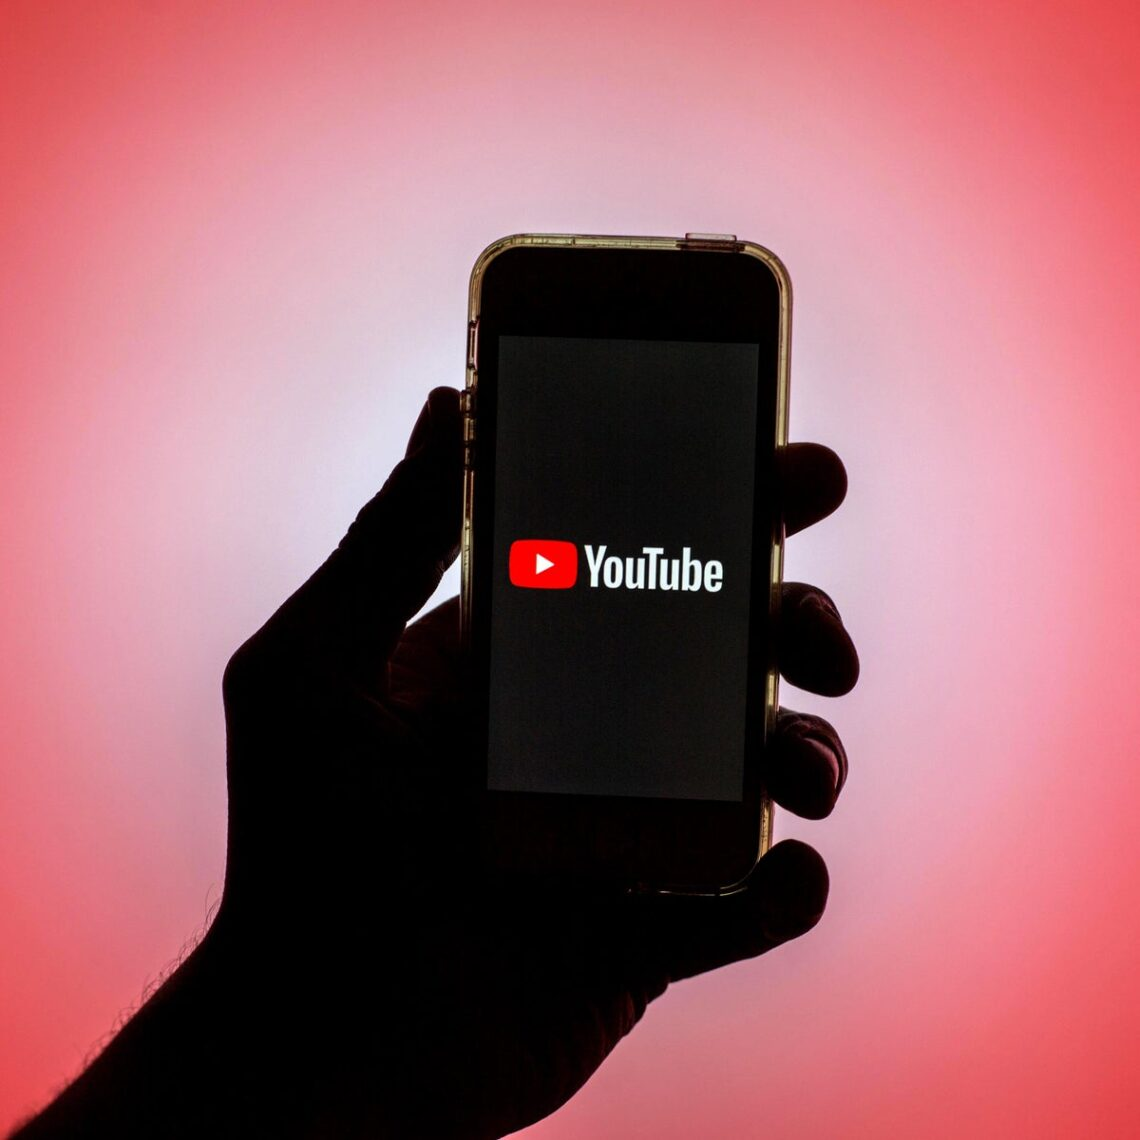 YouTube proširuje svoju zabranu na SVI sadržaj protiv cjepiva